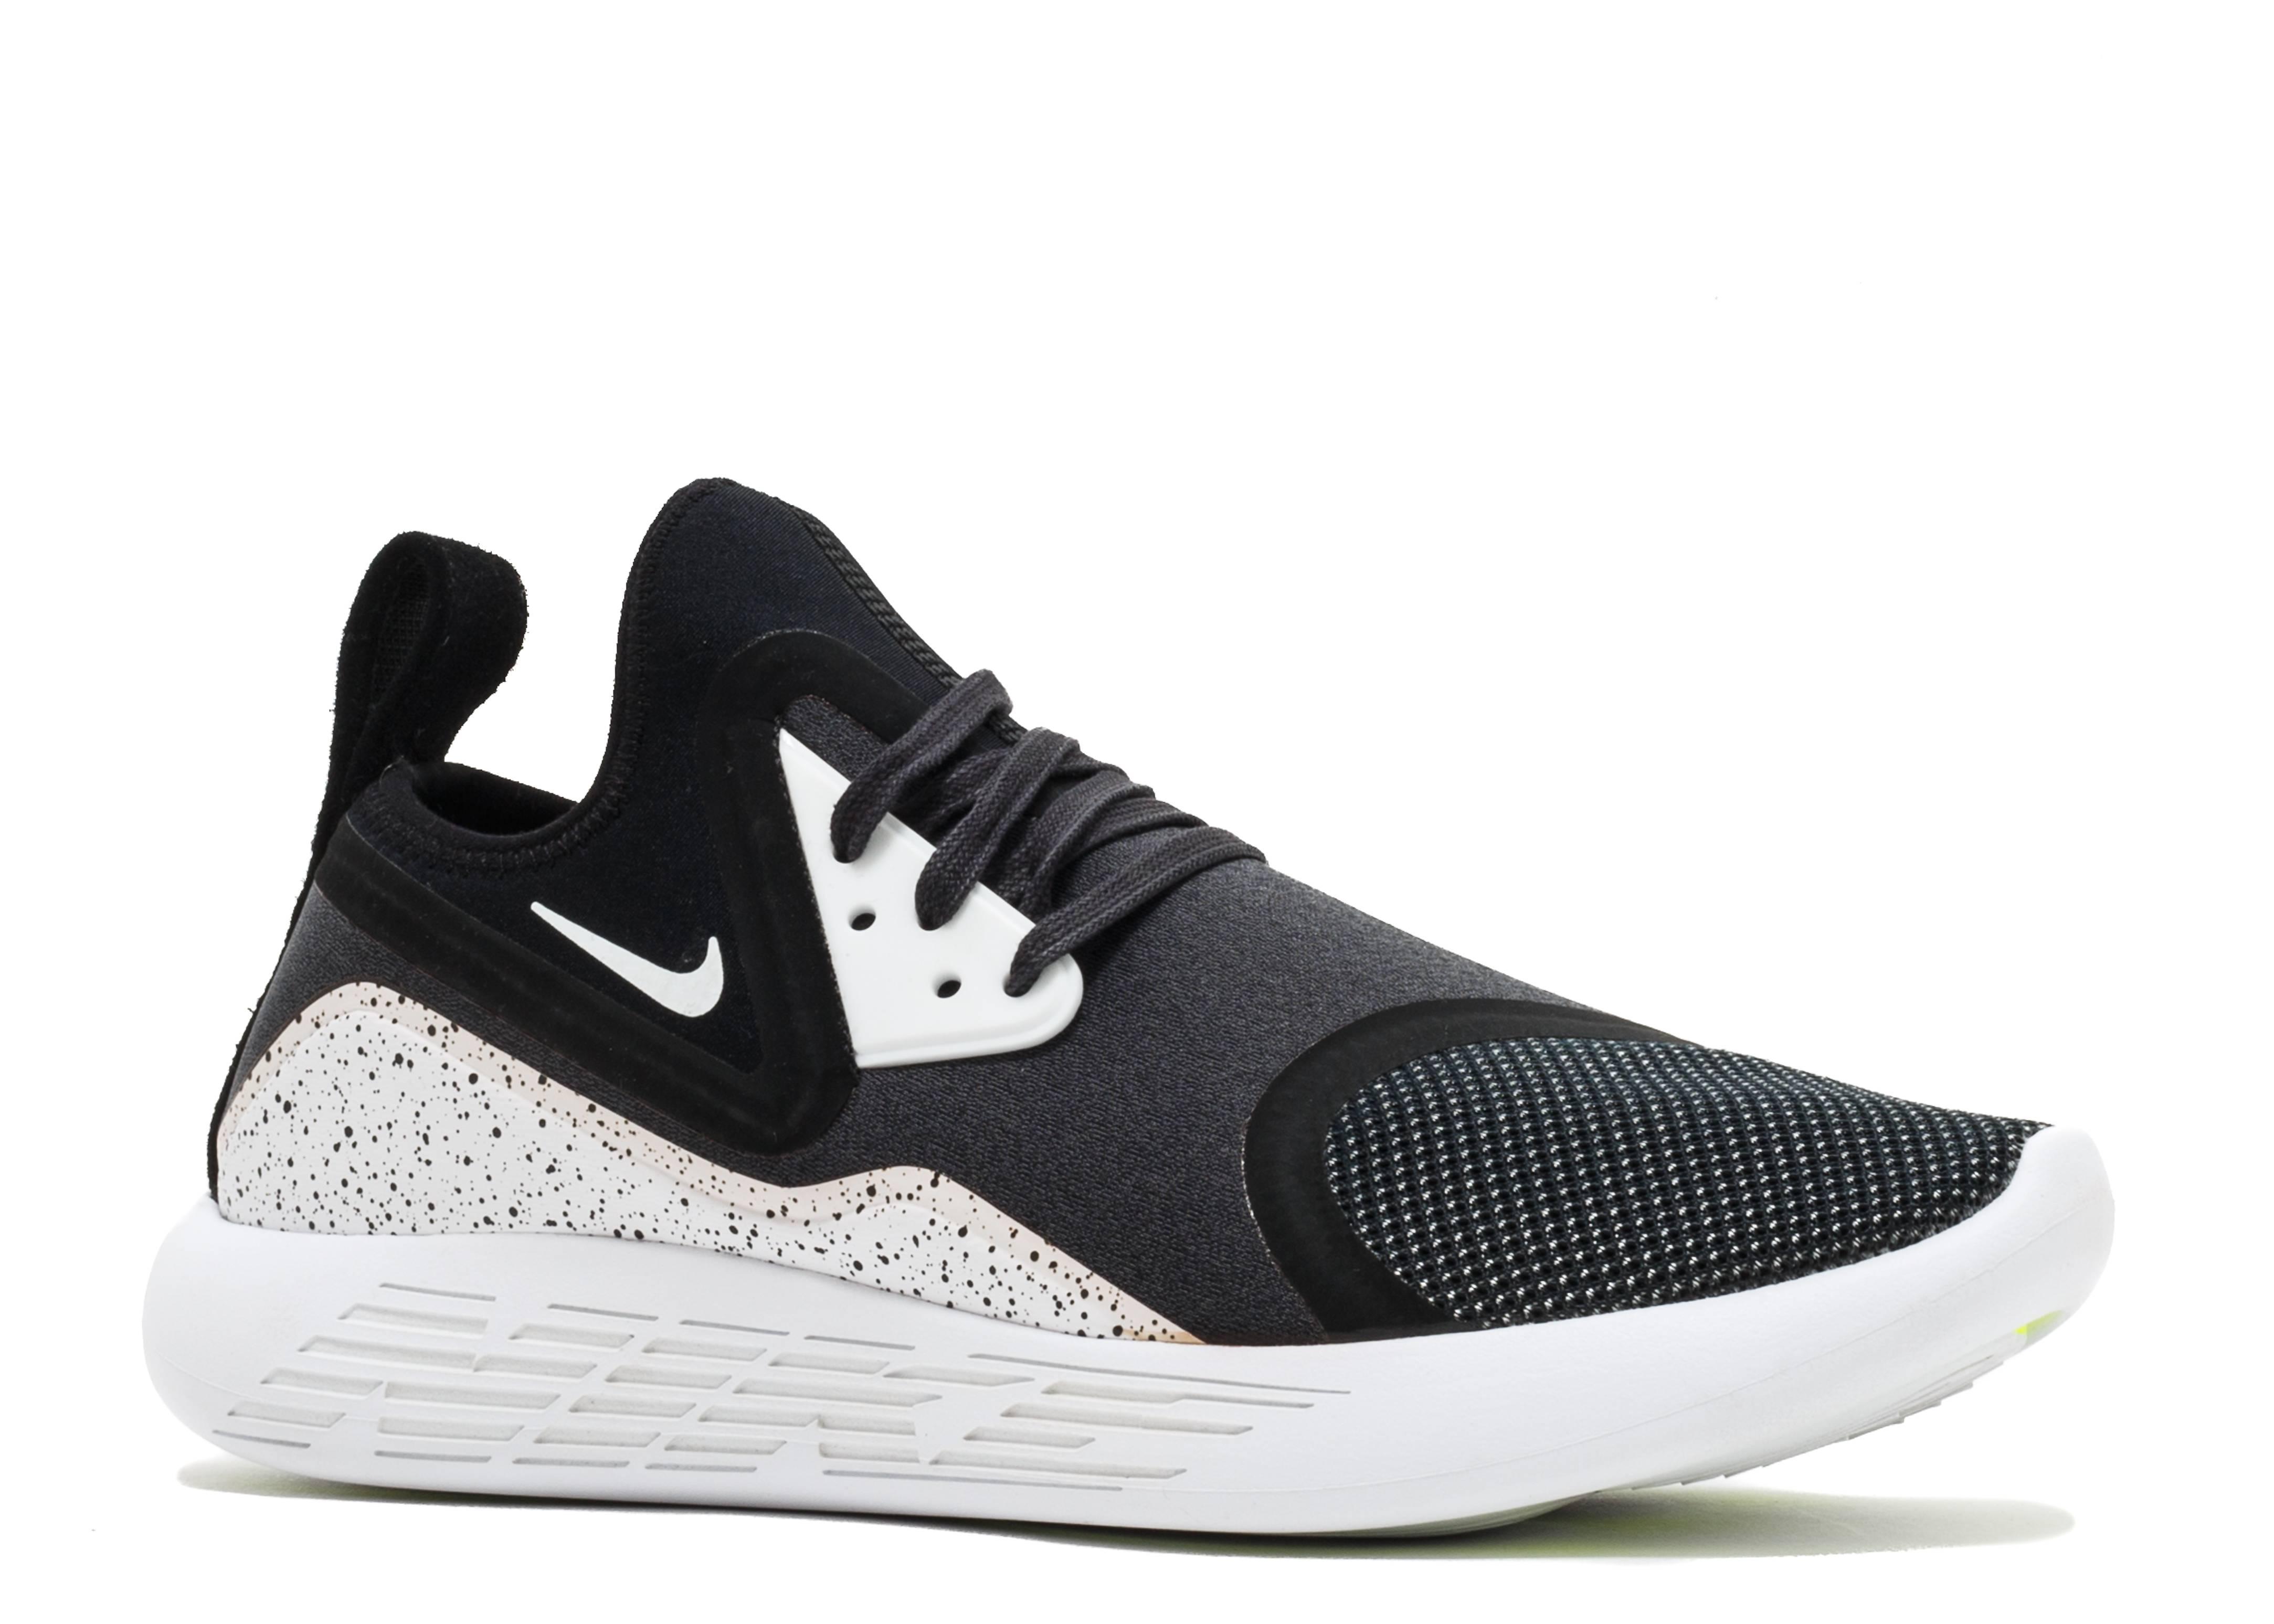 Nike Lunarcharge Premium Le - Nike - 923284 999 - multi-color multi-color  5bc12d03b